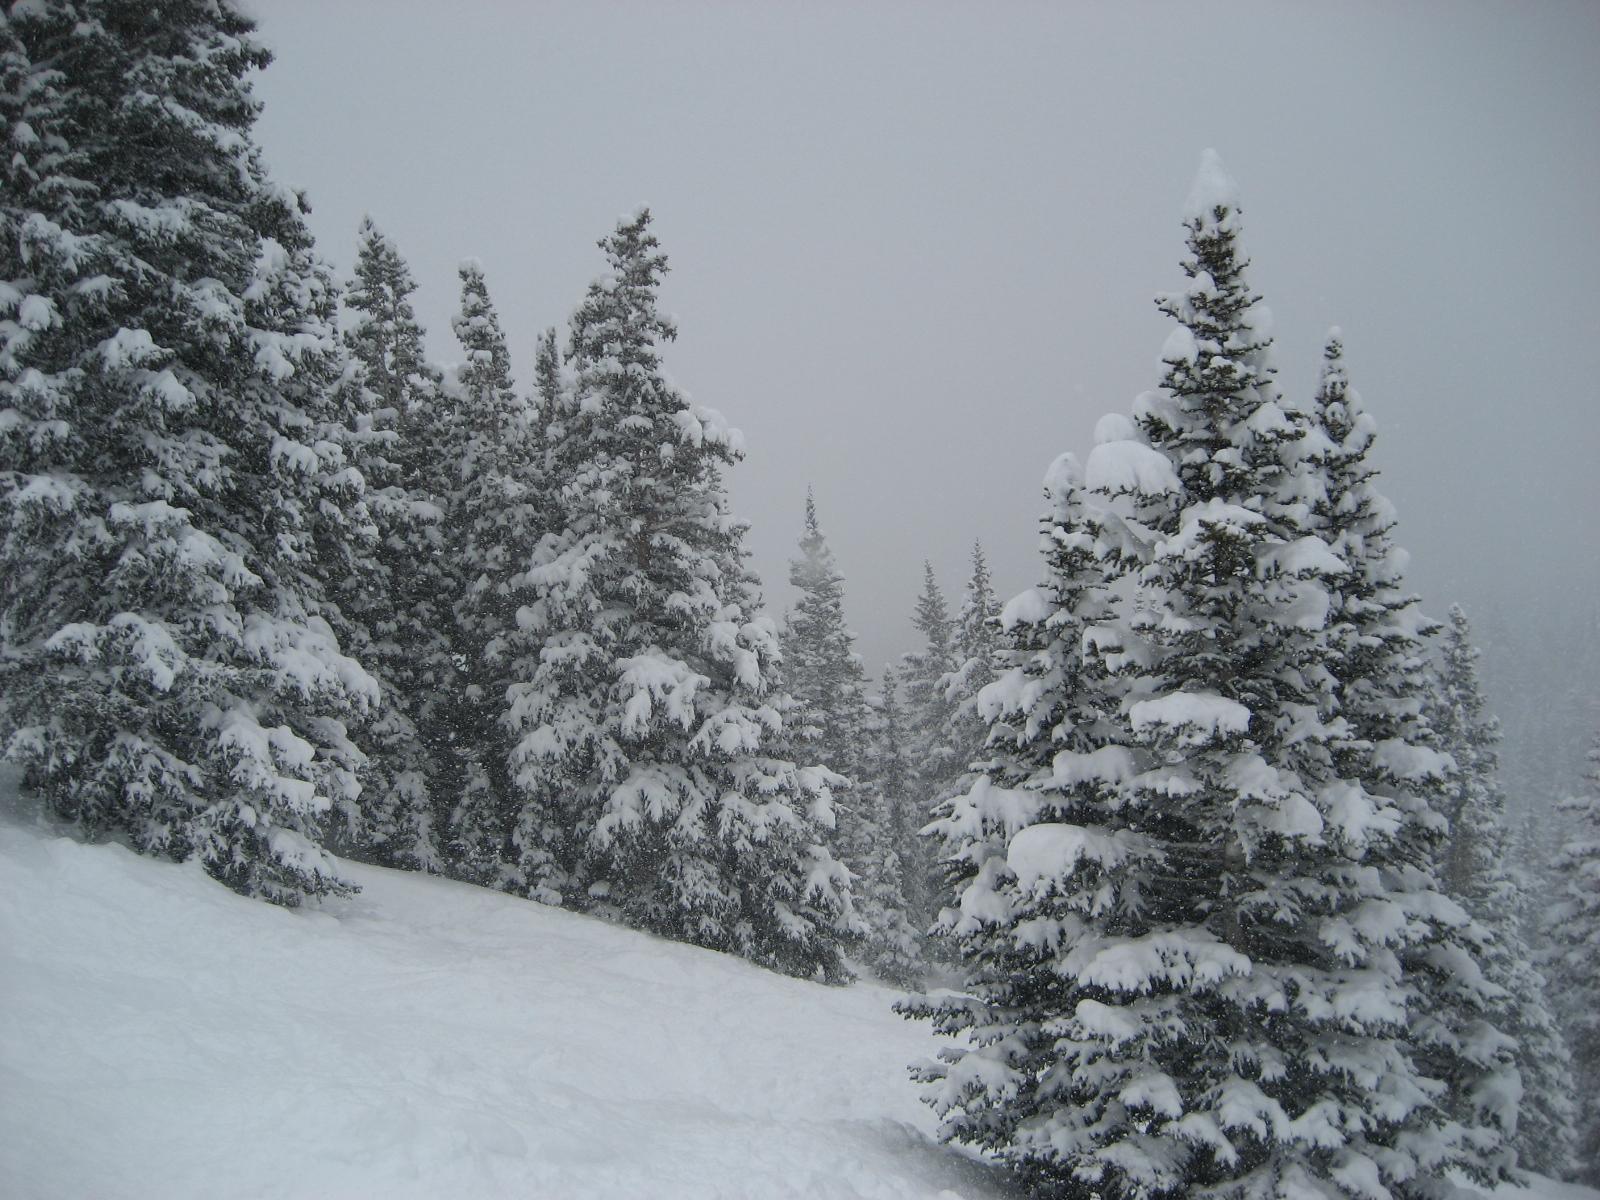 Pow at breck 3.14